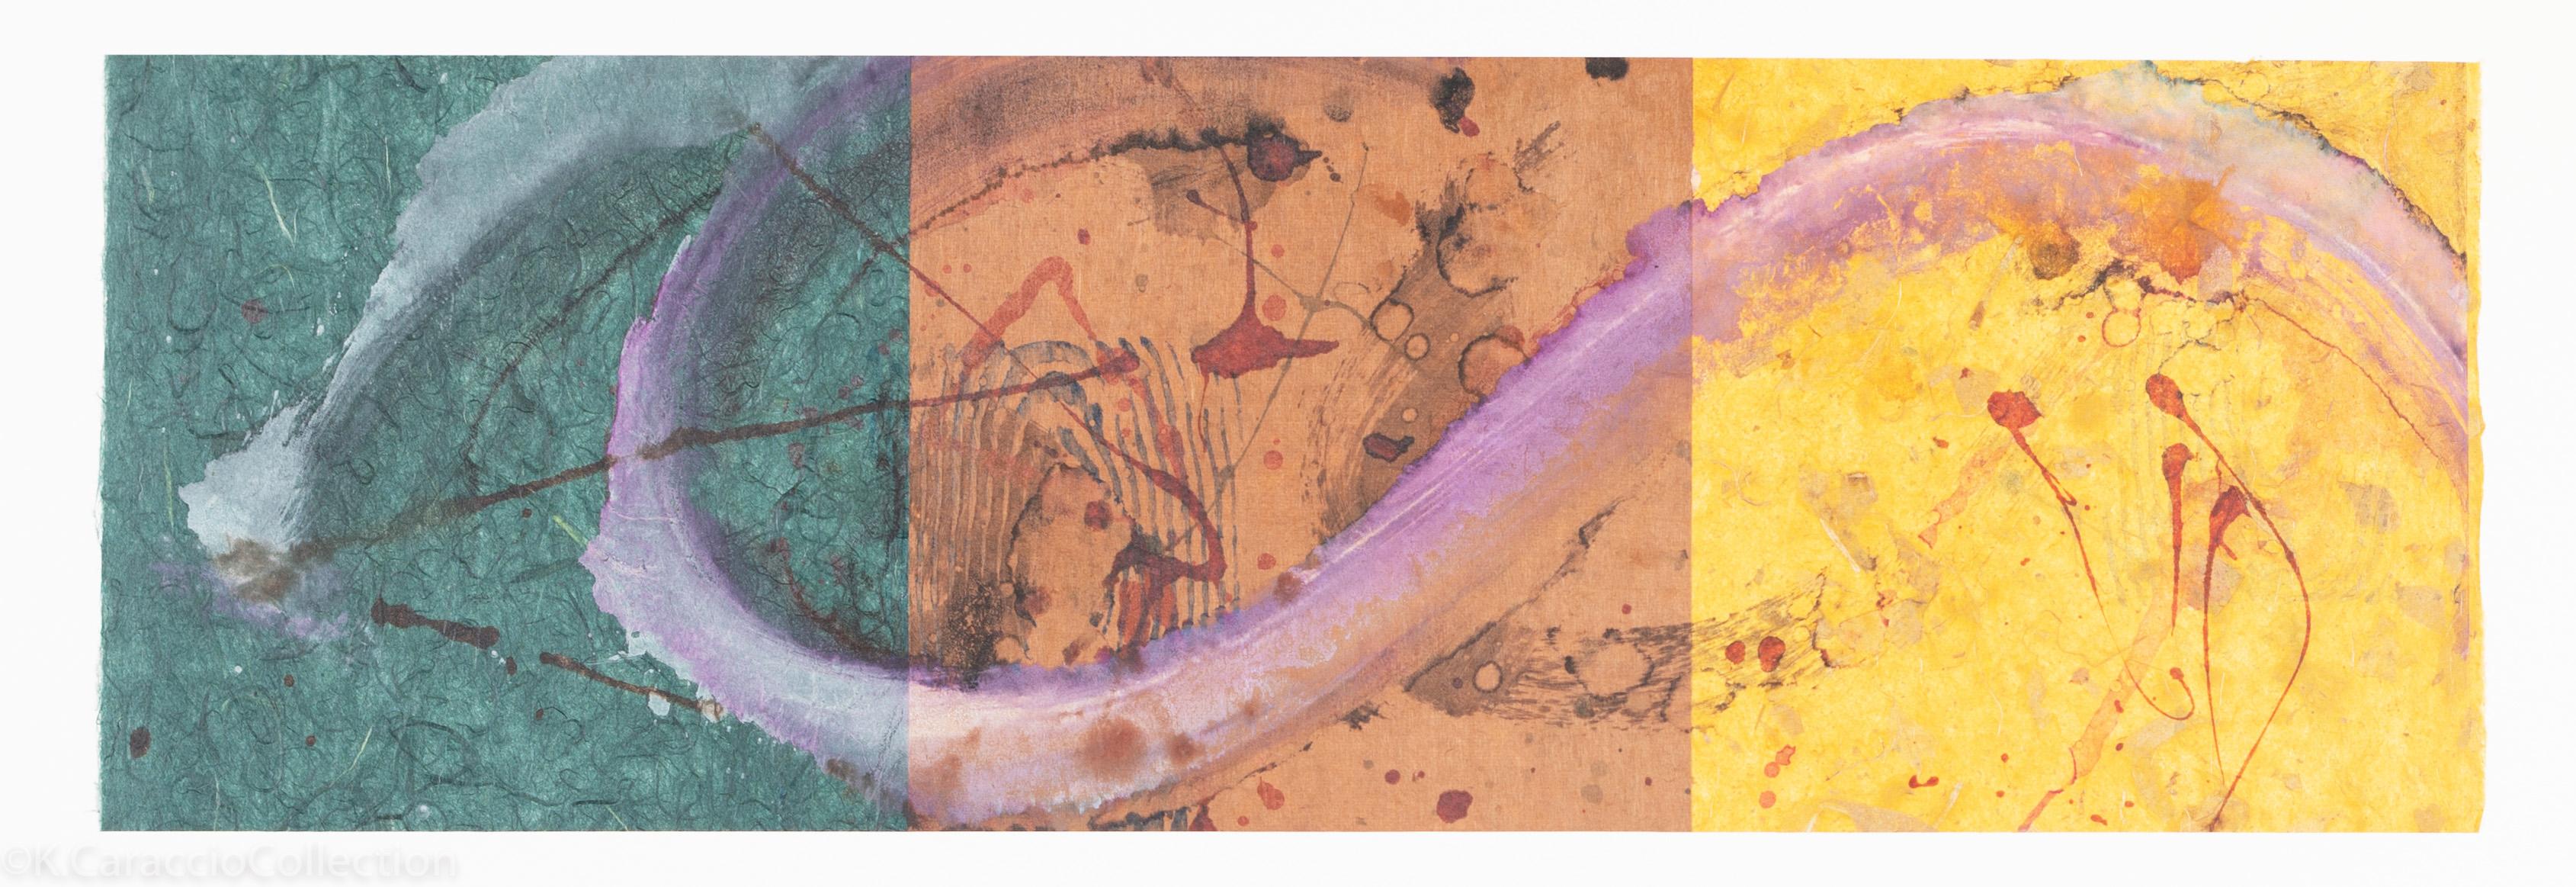 Single Stroke 19, 2001